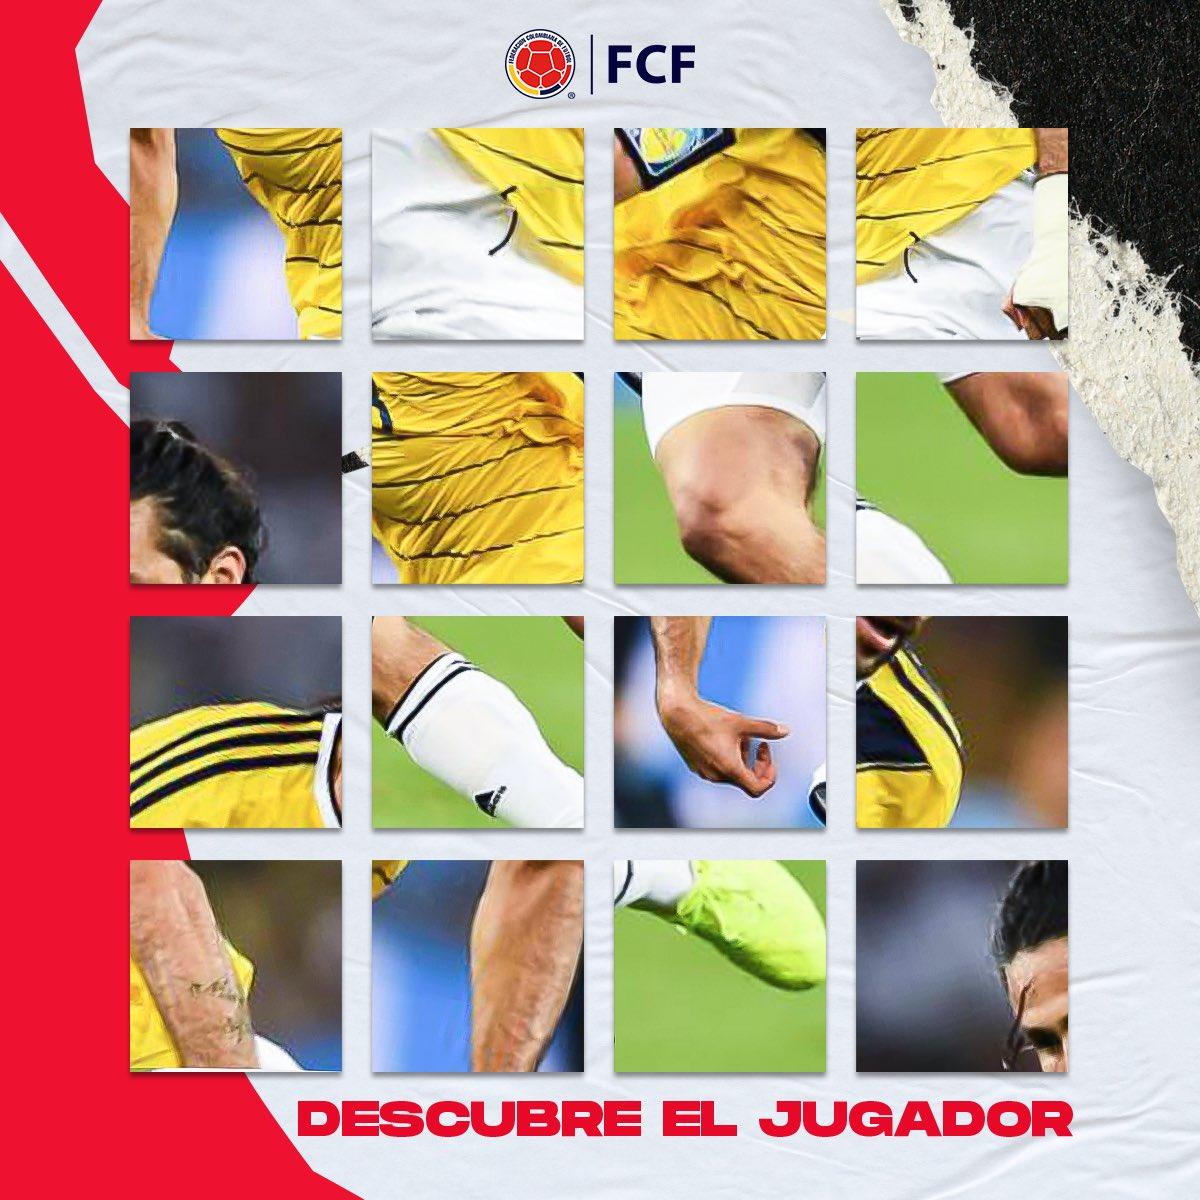 ⚠️ Solo para expertos⚠️  ¿Eres un fanático de la Selección Colombia 🇨🇴?  ¿Puedes adivinar quién es el jugador que aparece en esta imagen? 🤔  ¡Leemos tu respuesta! https://t.co/VyYt12fyjy